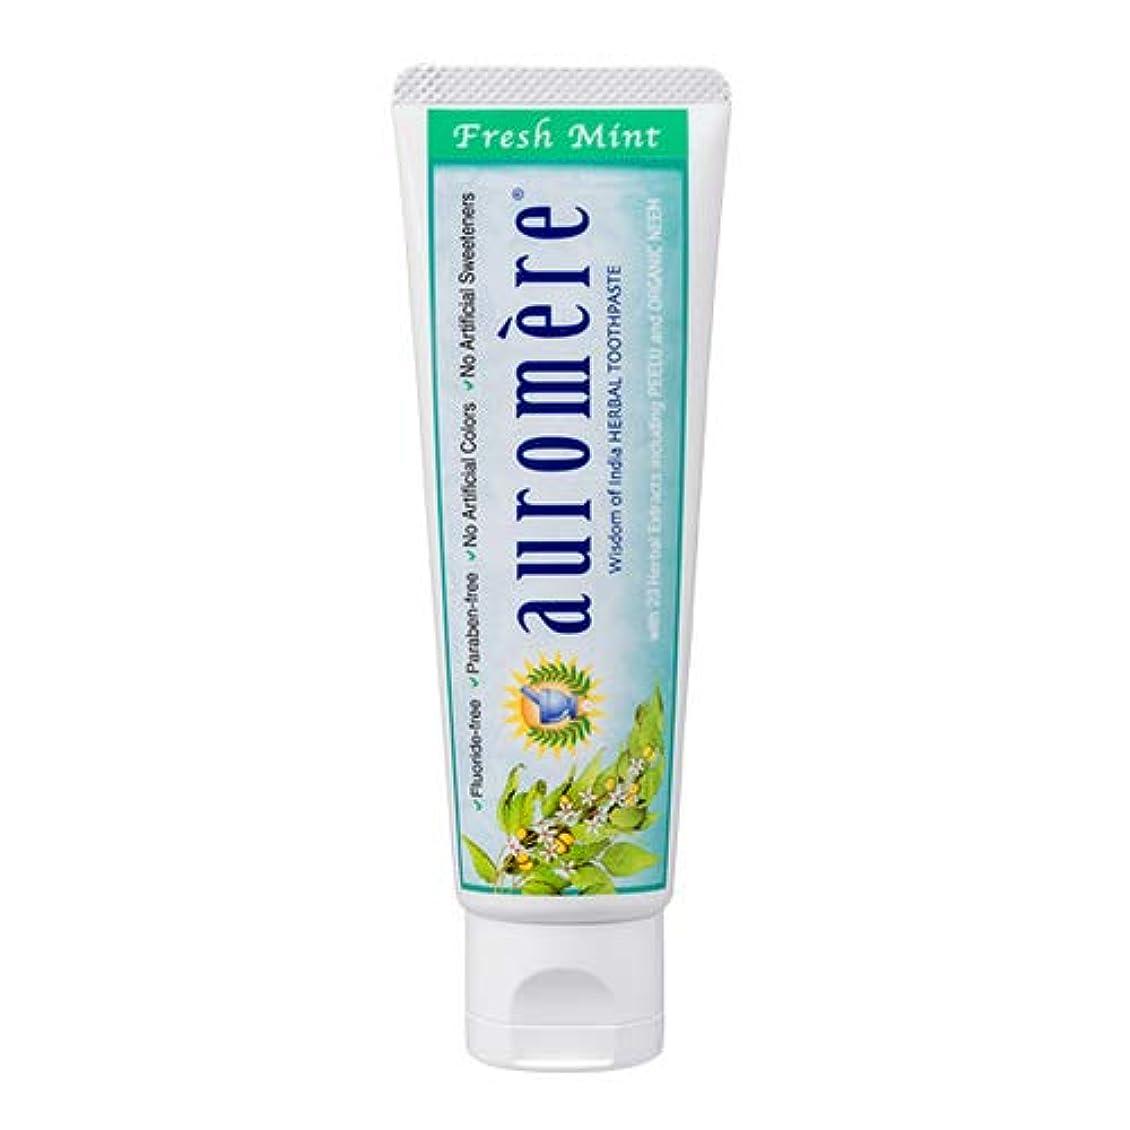 言うまでもなく端耕すオーロメア 歯磨き粉 フレッシュミント 70g